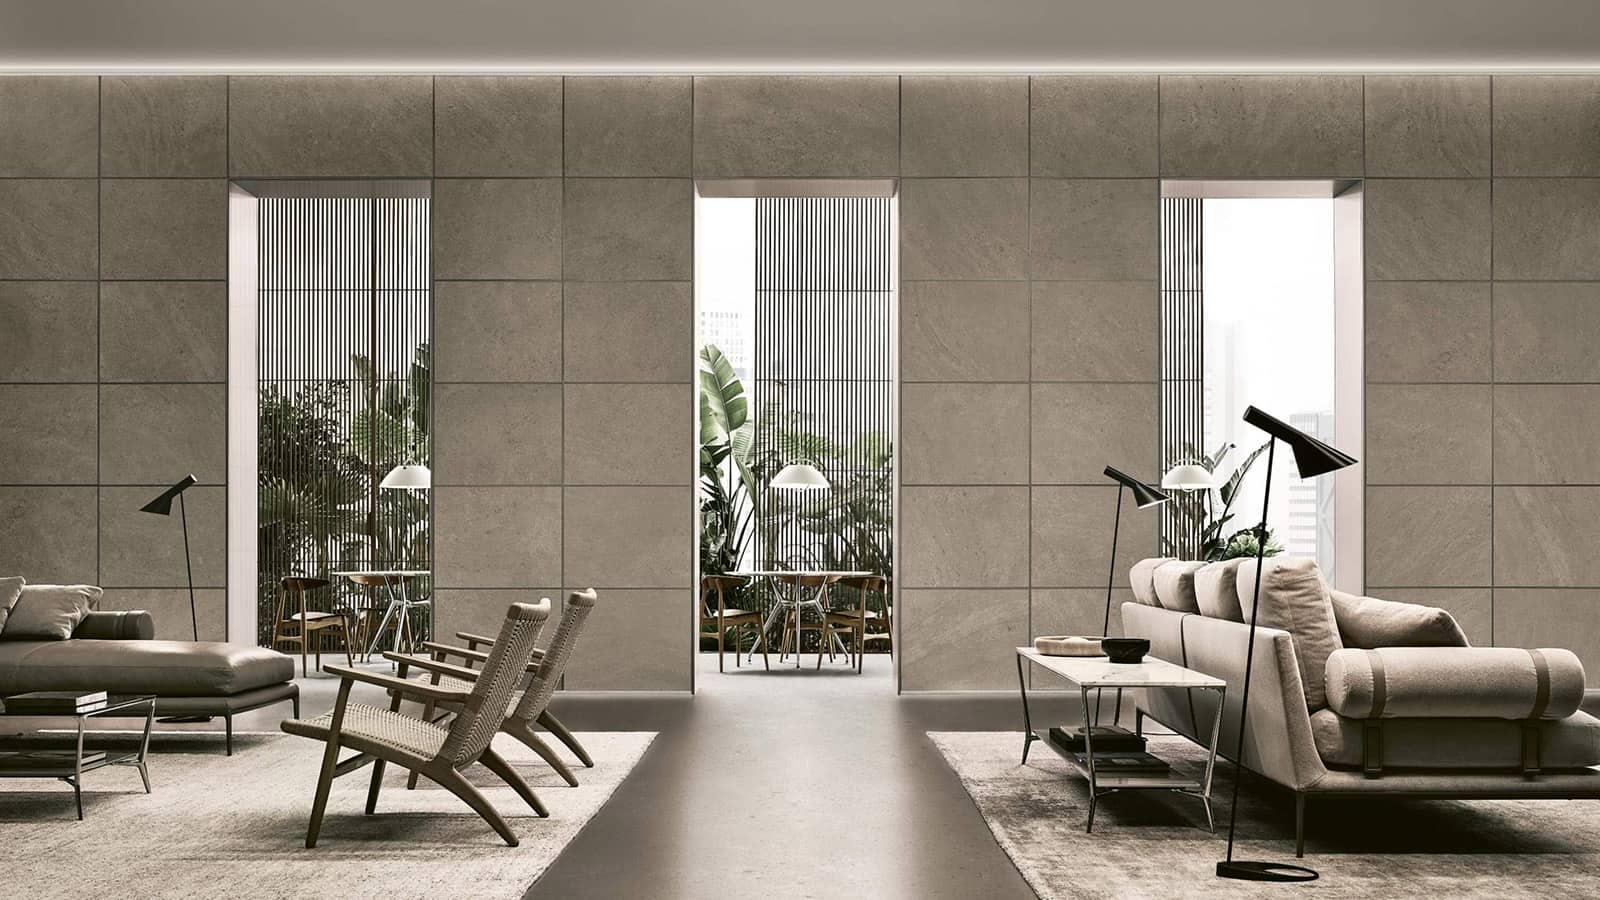 design-wandpanelen-interieurpanelen-openbare-ruimtes-keramiek-leder-rimadesio-modulor